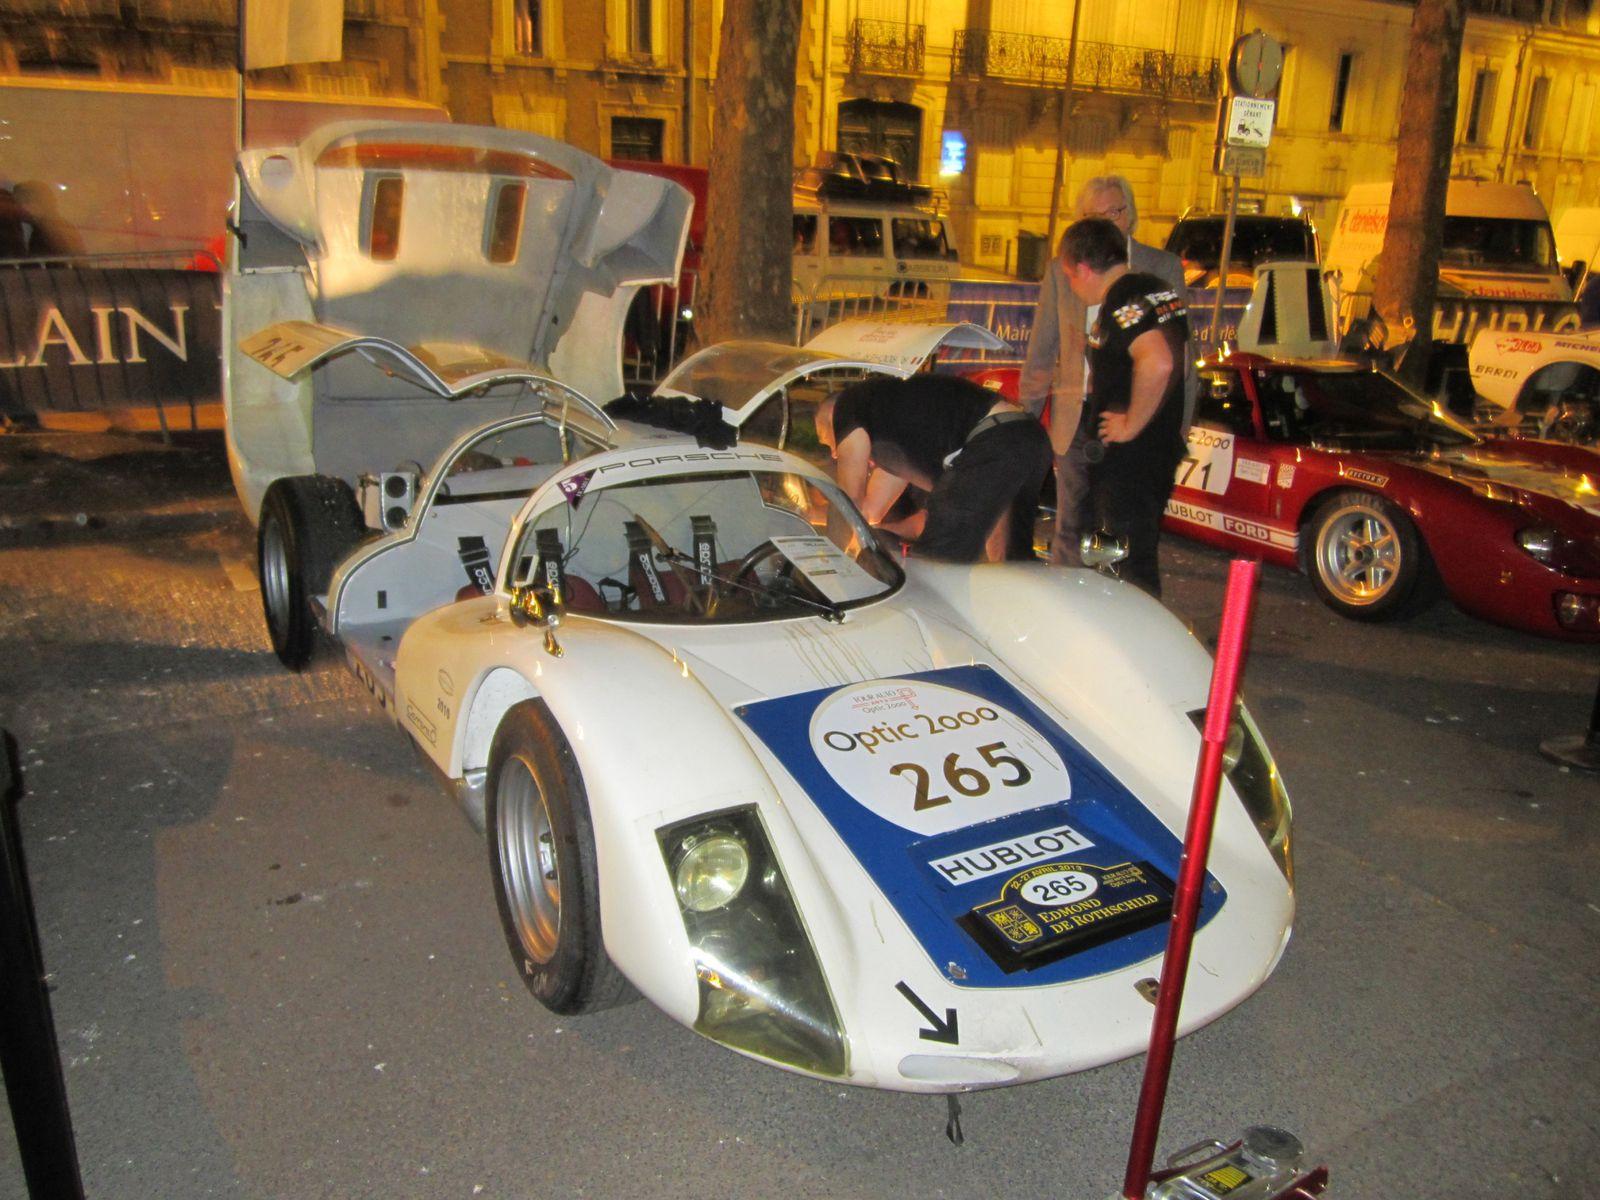 1ère étape du Tour Auto 2013 à Orléans